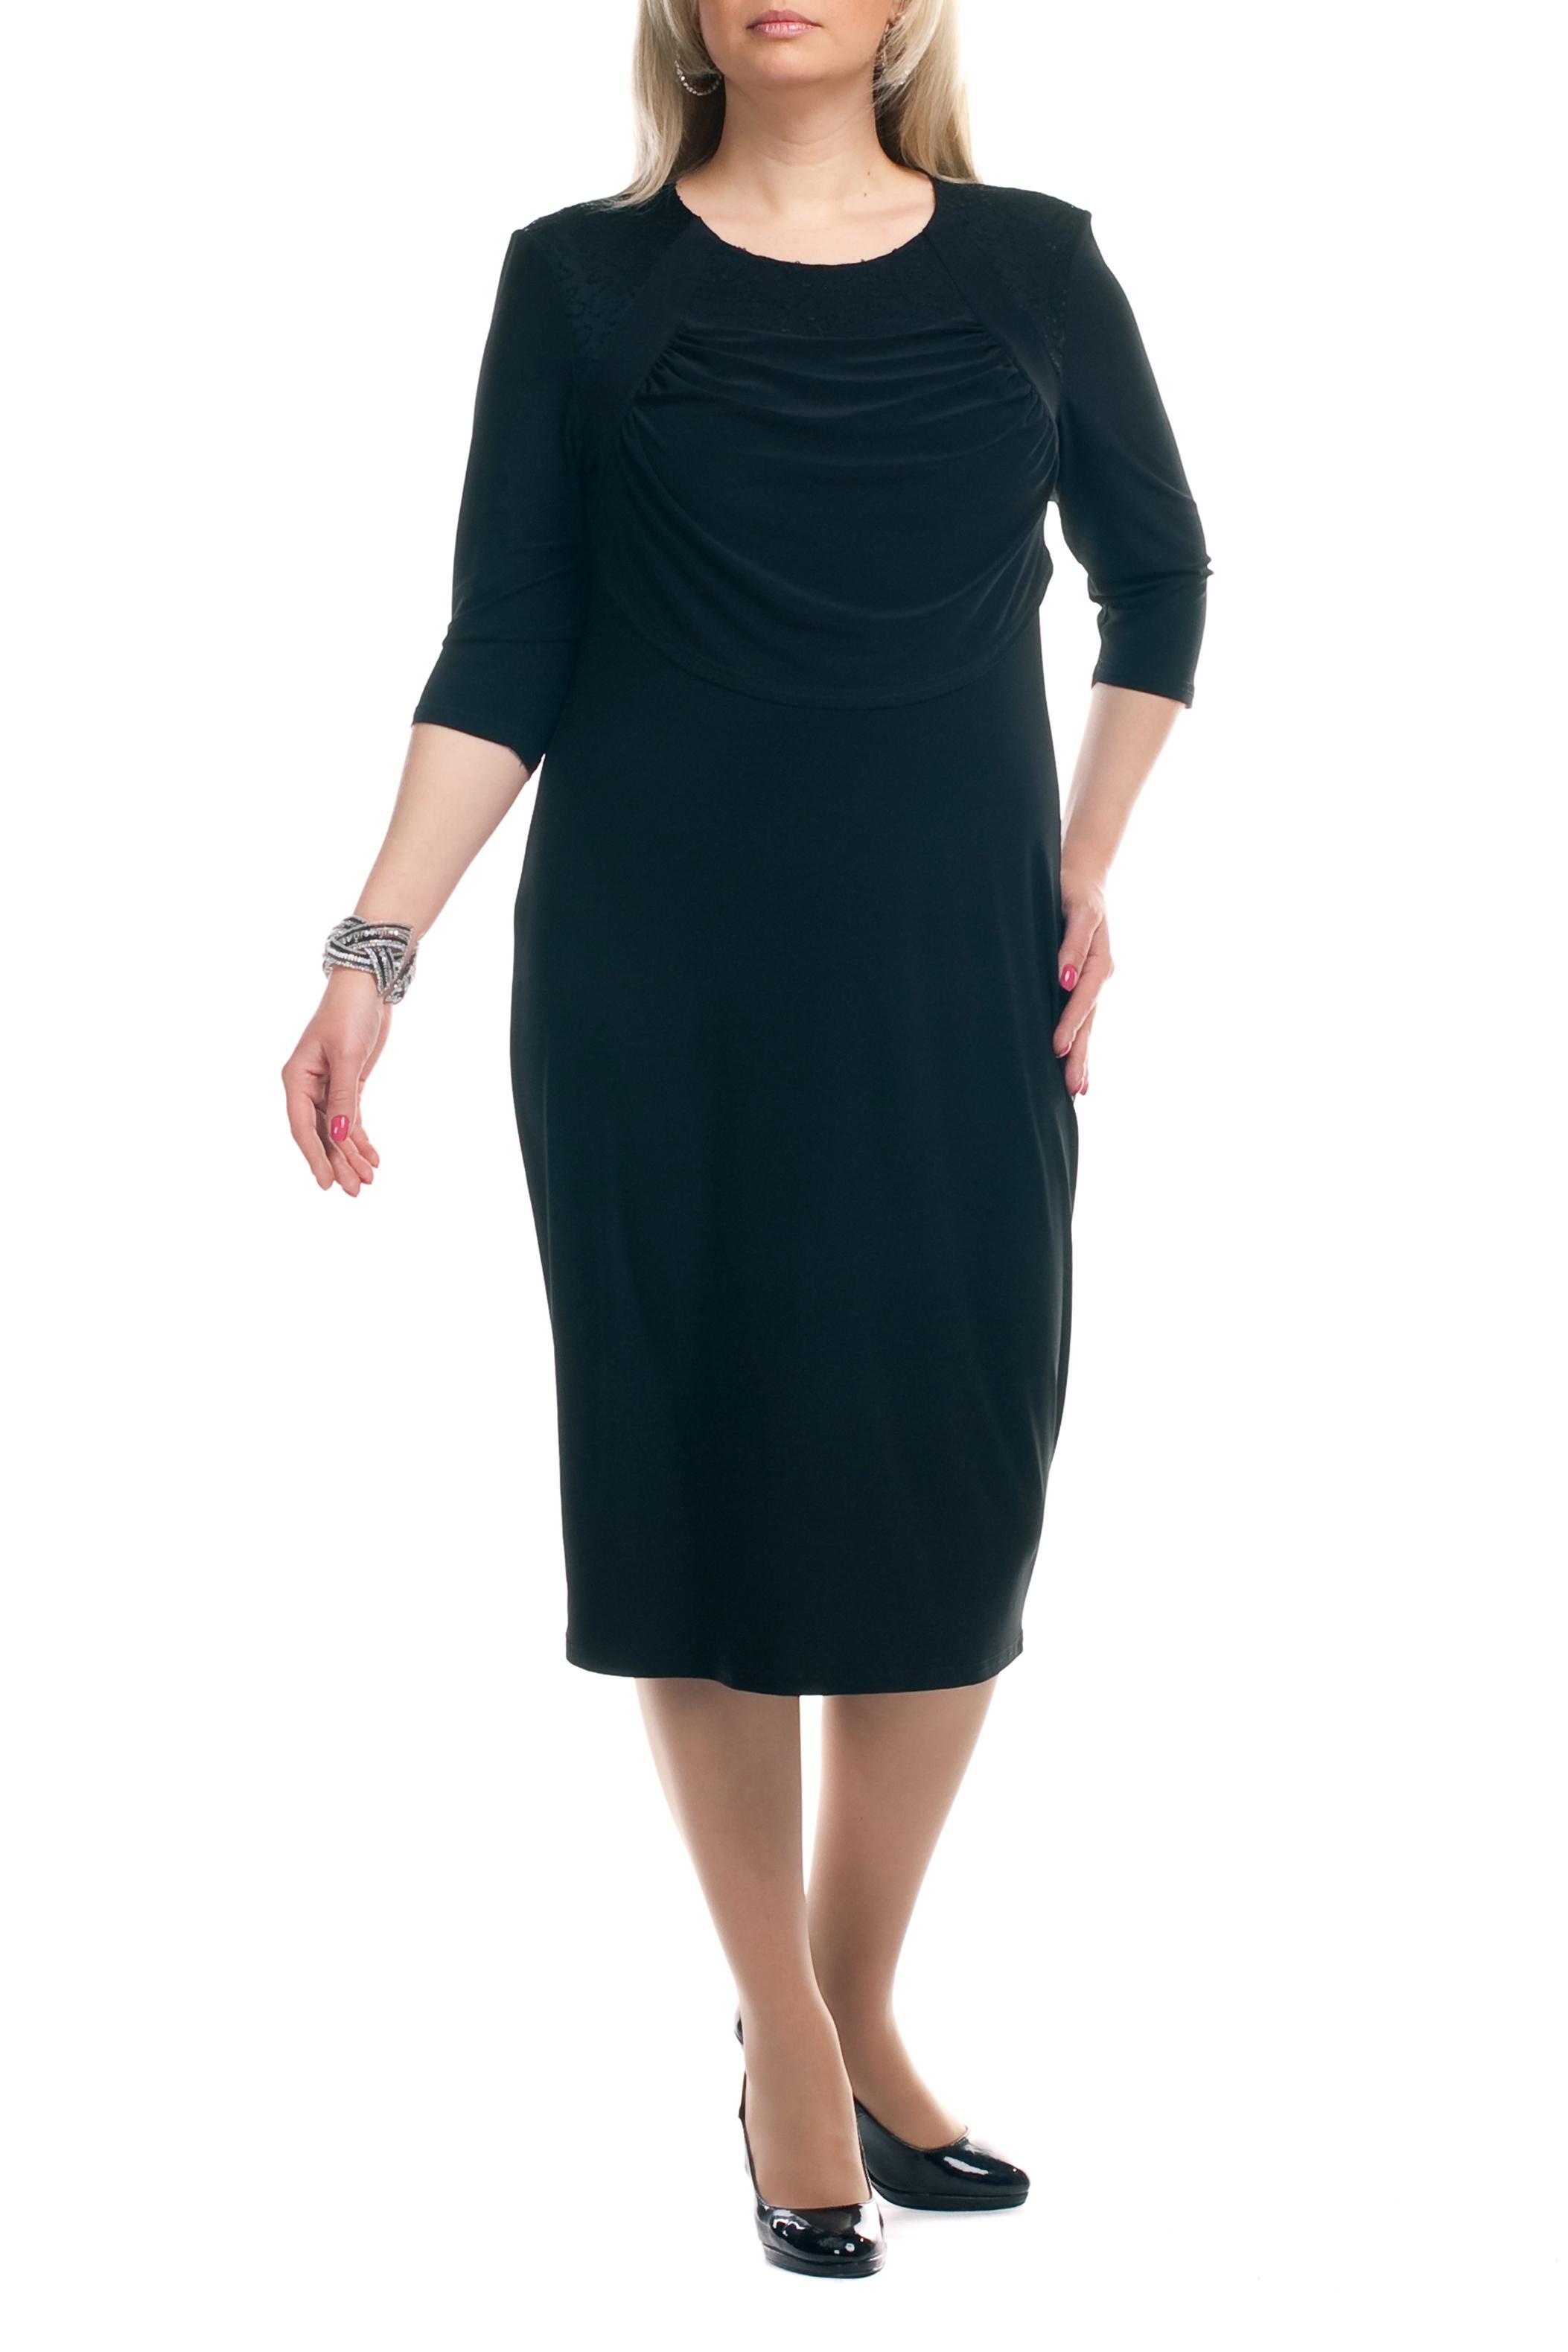 ПлатьеПлатья<br>Элегантное нарядное платье. Модель выполнена из приятного трикотажа. Отличный выбор для любого торжества.  Цвет: черный  Рост девушки-фотомодели 173 см.<br><br>Горловина: С- горловина<br>По длине: Ниже колена<br>По материалу: Трикотаж,Гипюровая сетка<br>По рисунку: Однотонные<br>По сезону: Весна,Всесезон,Зима,Лето,Осень<br>По силуэту: Полуприталенные<br>По стилю: Нарядный стиль<br>По элементам: С декором,С отделочной фурнитурой,Со складками<br>Рукав: Рукав три четверти<br>Размер : 52,58,60,64,66,68<br>Материал: Холодное масло + Гипюровая сетка<br>Количество в наличии: 11